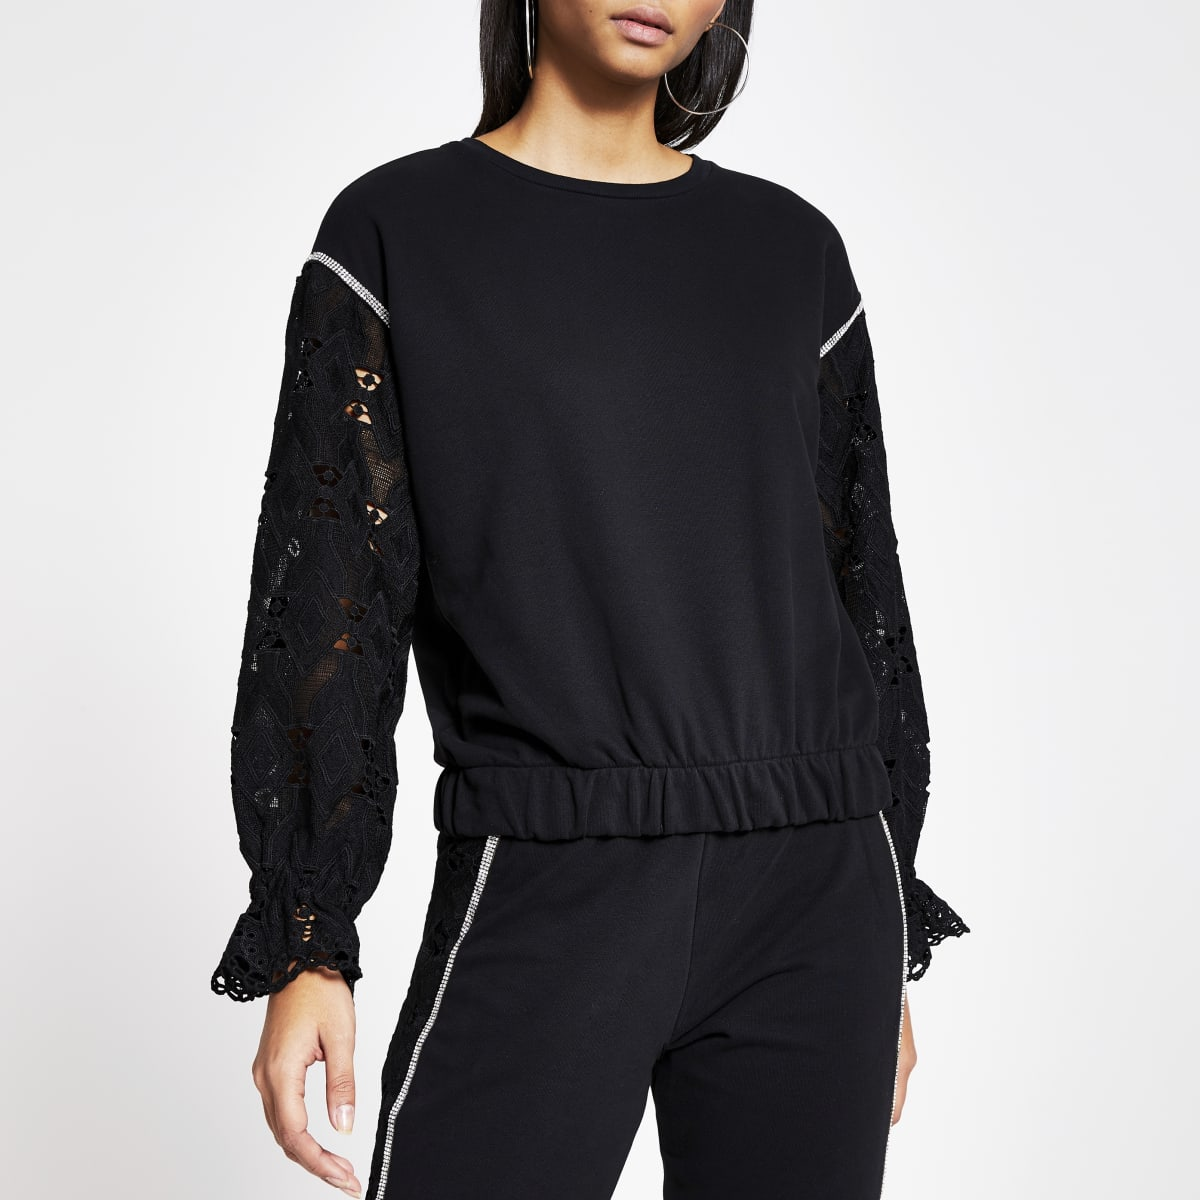 Zwarte ruimvallende sweater met lange broderie mouwen